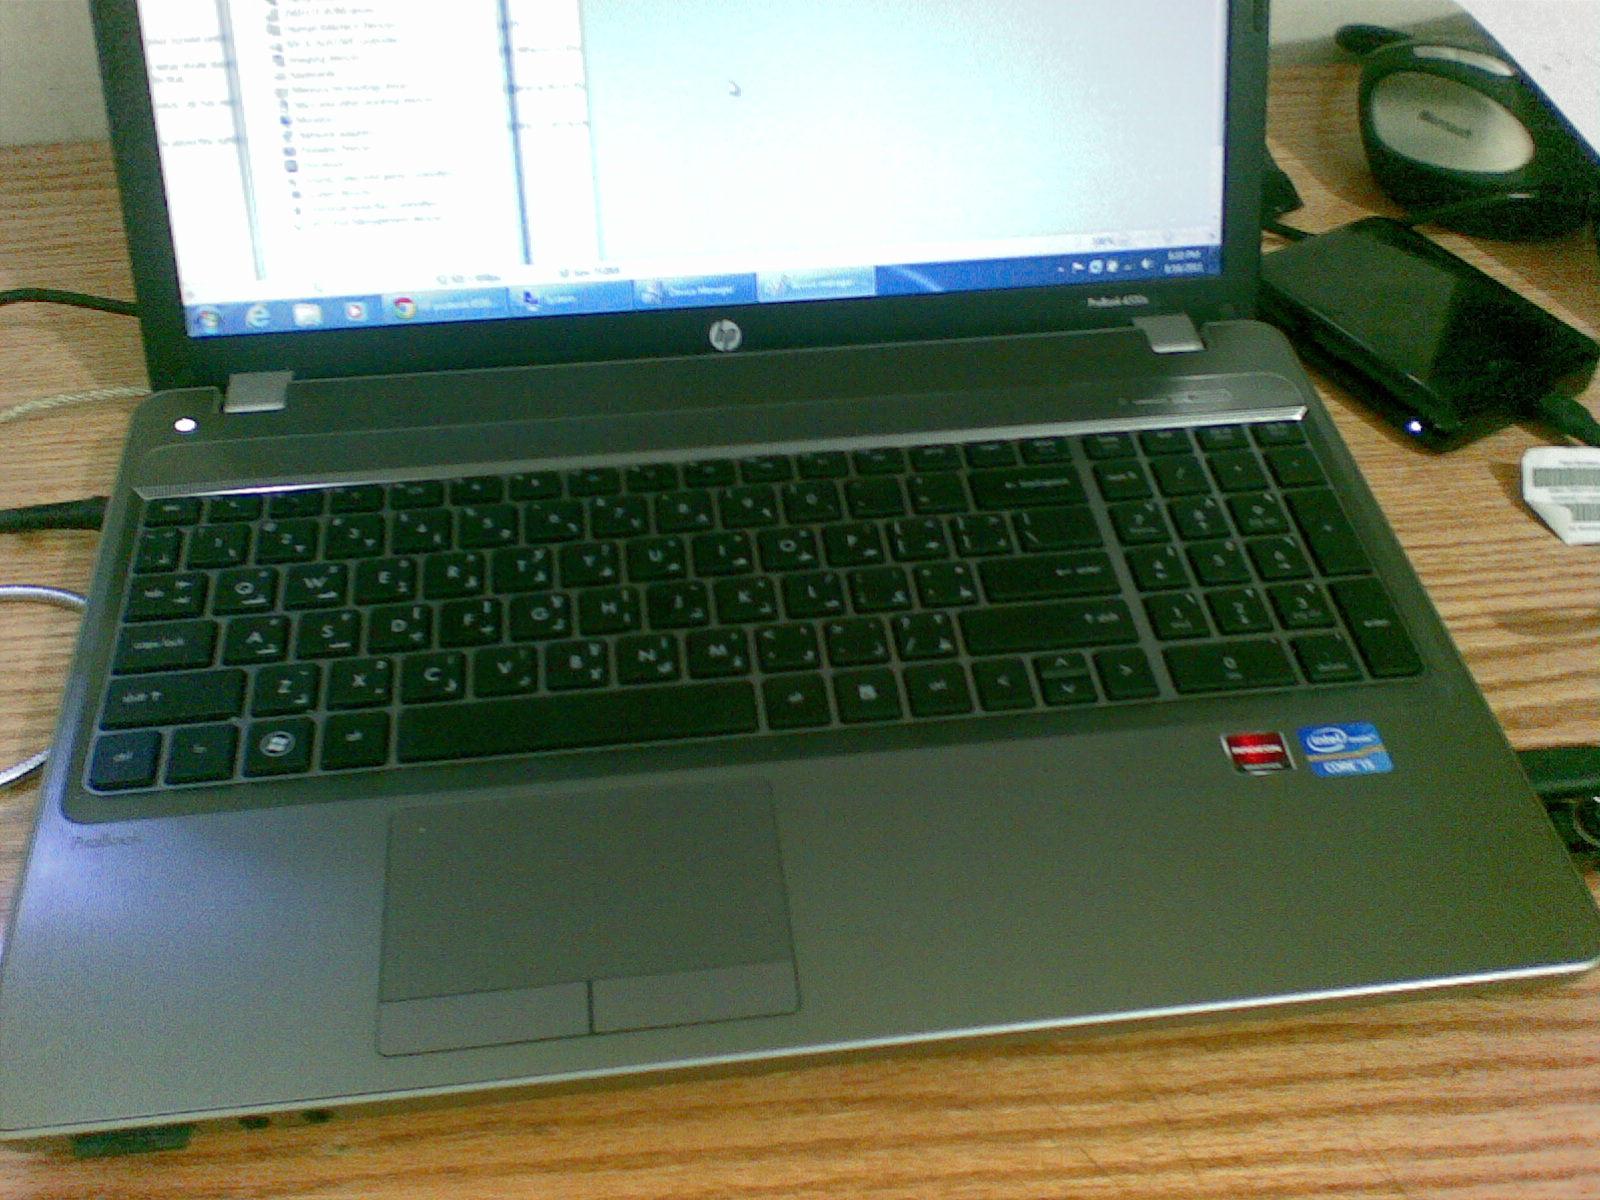 Hp notebook wireless driver -  Laptop Laptop Lights Off